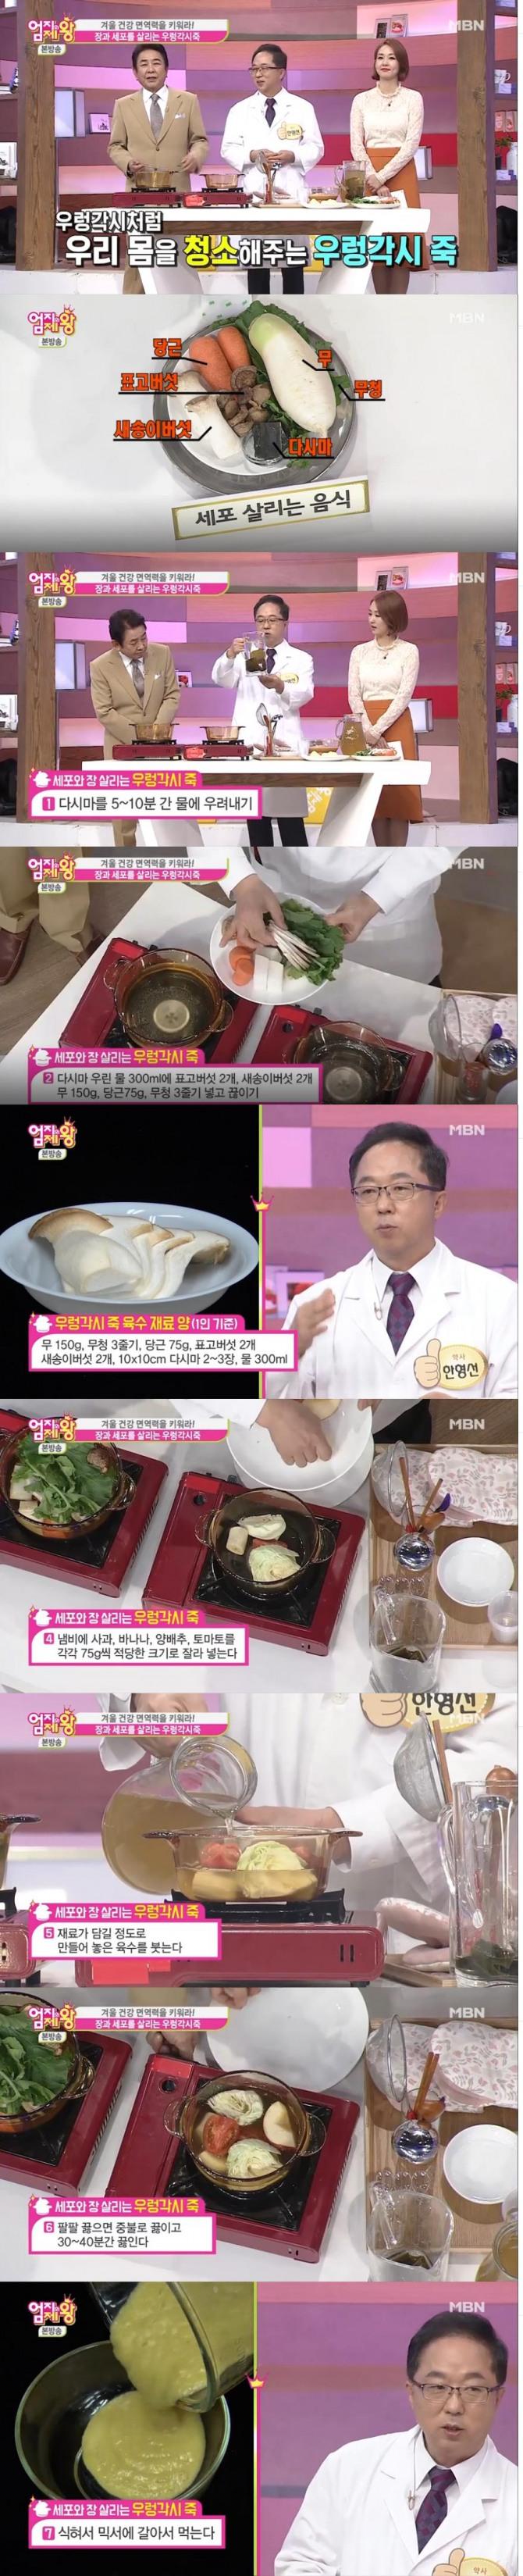 29일 방송된 MBN '엄지의 제왕'에서는 우리 몸의 면역력을 높이는 음식으로 우렁각시 죽 만들기가 소개됐다./사진=MBN 방송 캡처